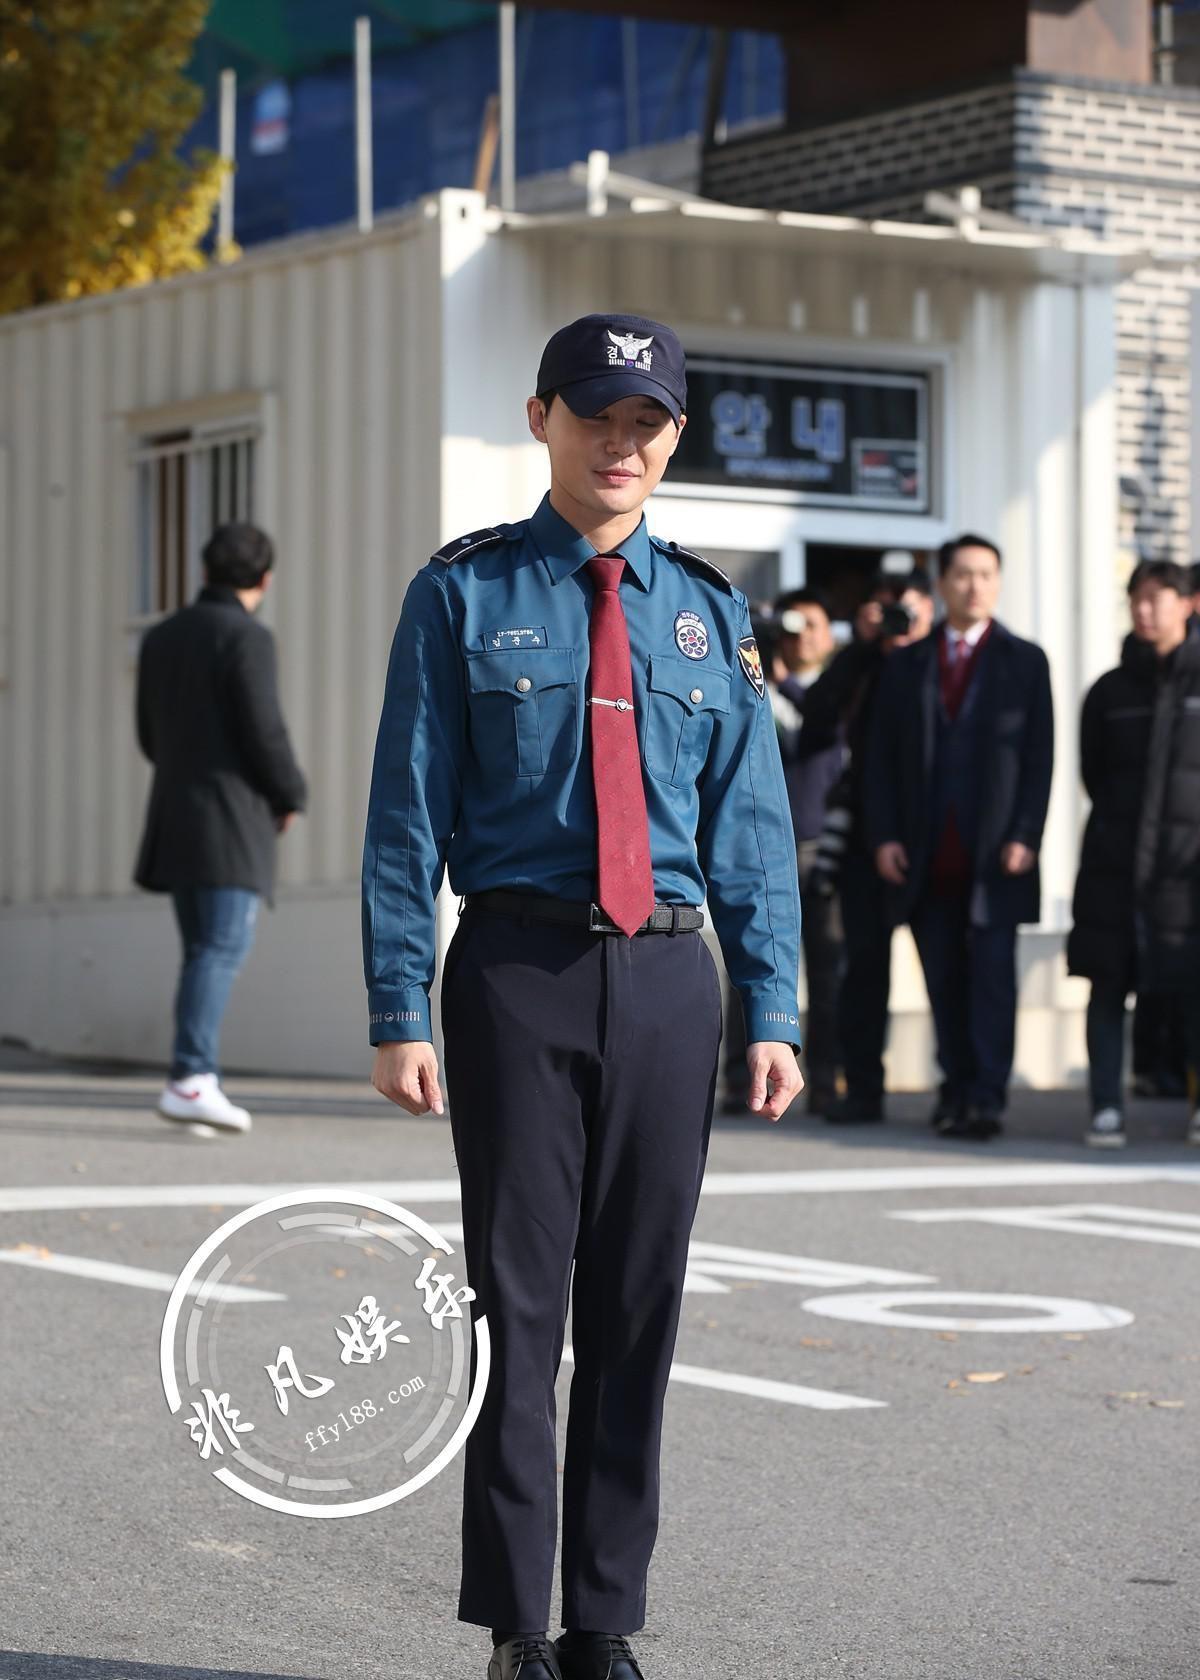 韩国男团JYJ成员金俊秀结束21个月义务警察服役